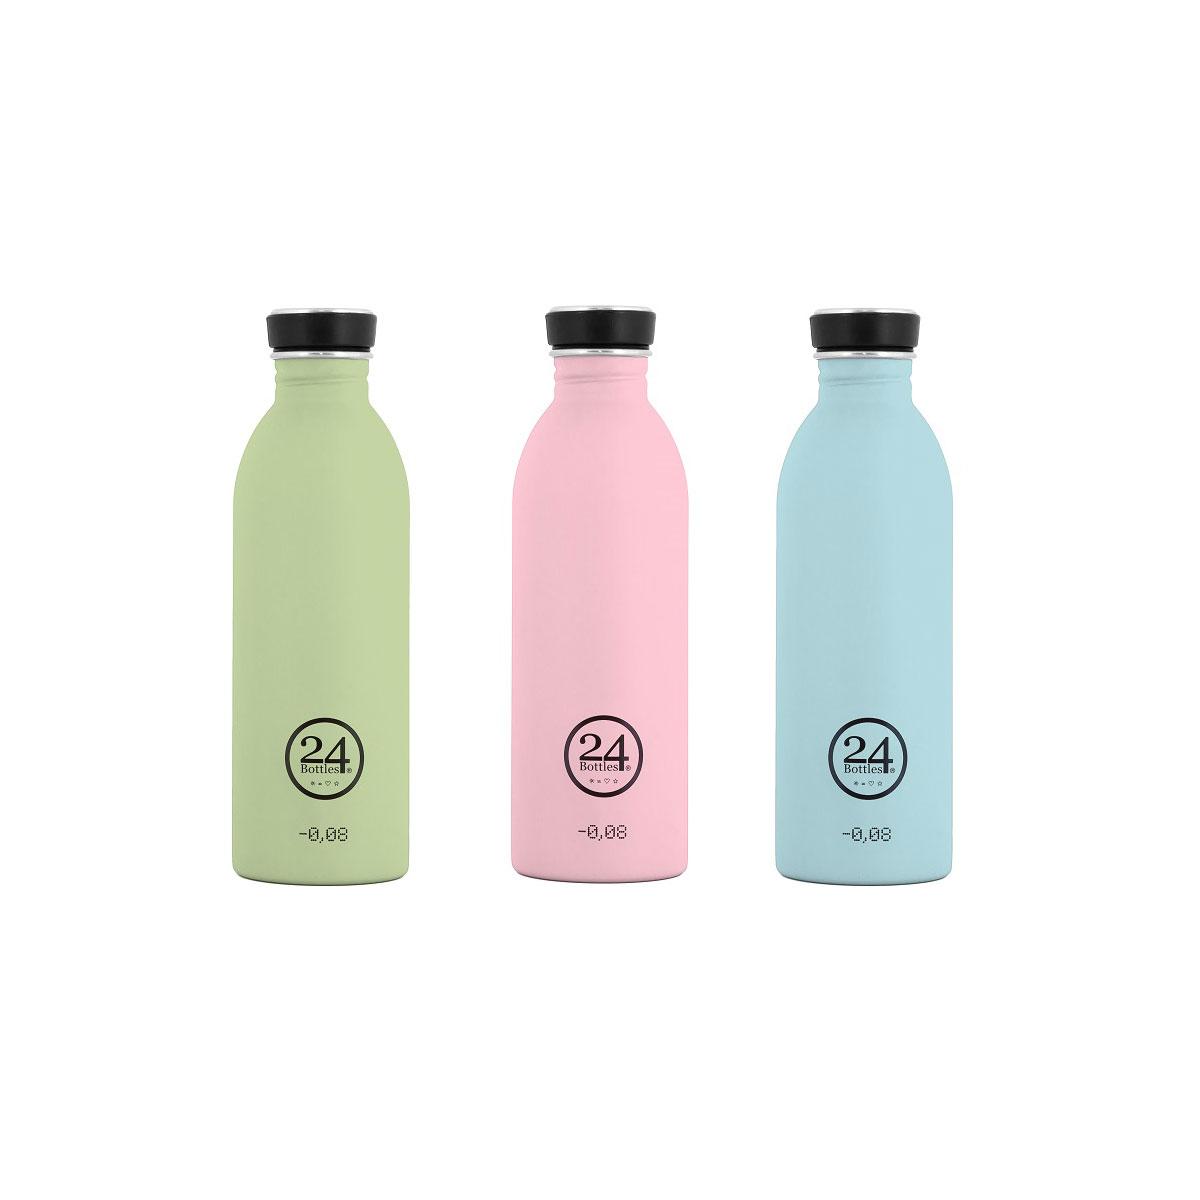 """Trinkflasche """"Urban Bottle - Washed Out"""" aus Edelstahl 500 ML von 24Bottles"""